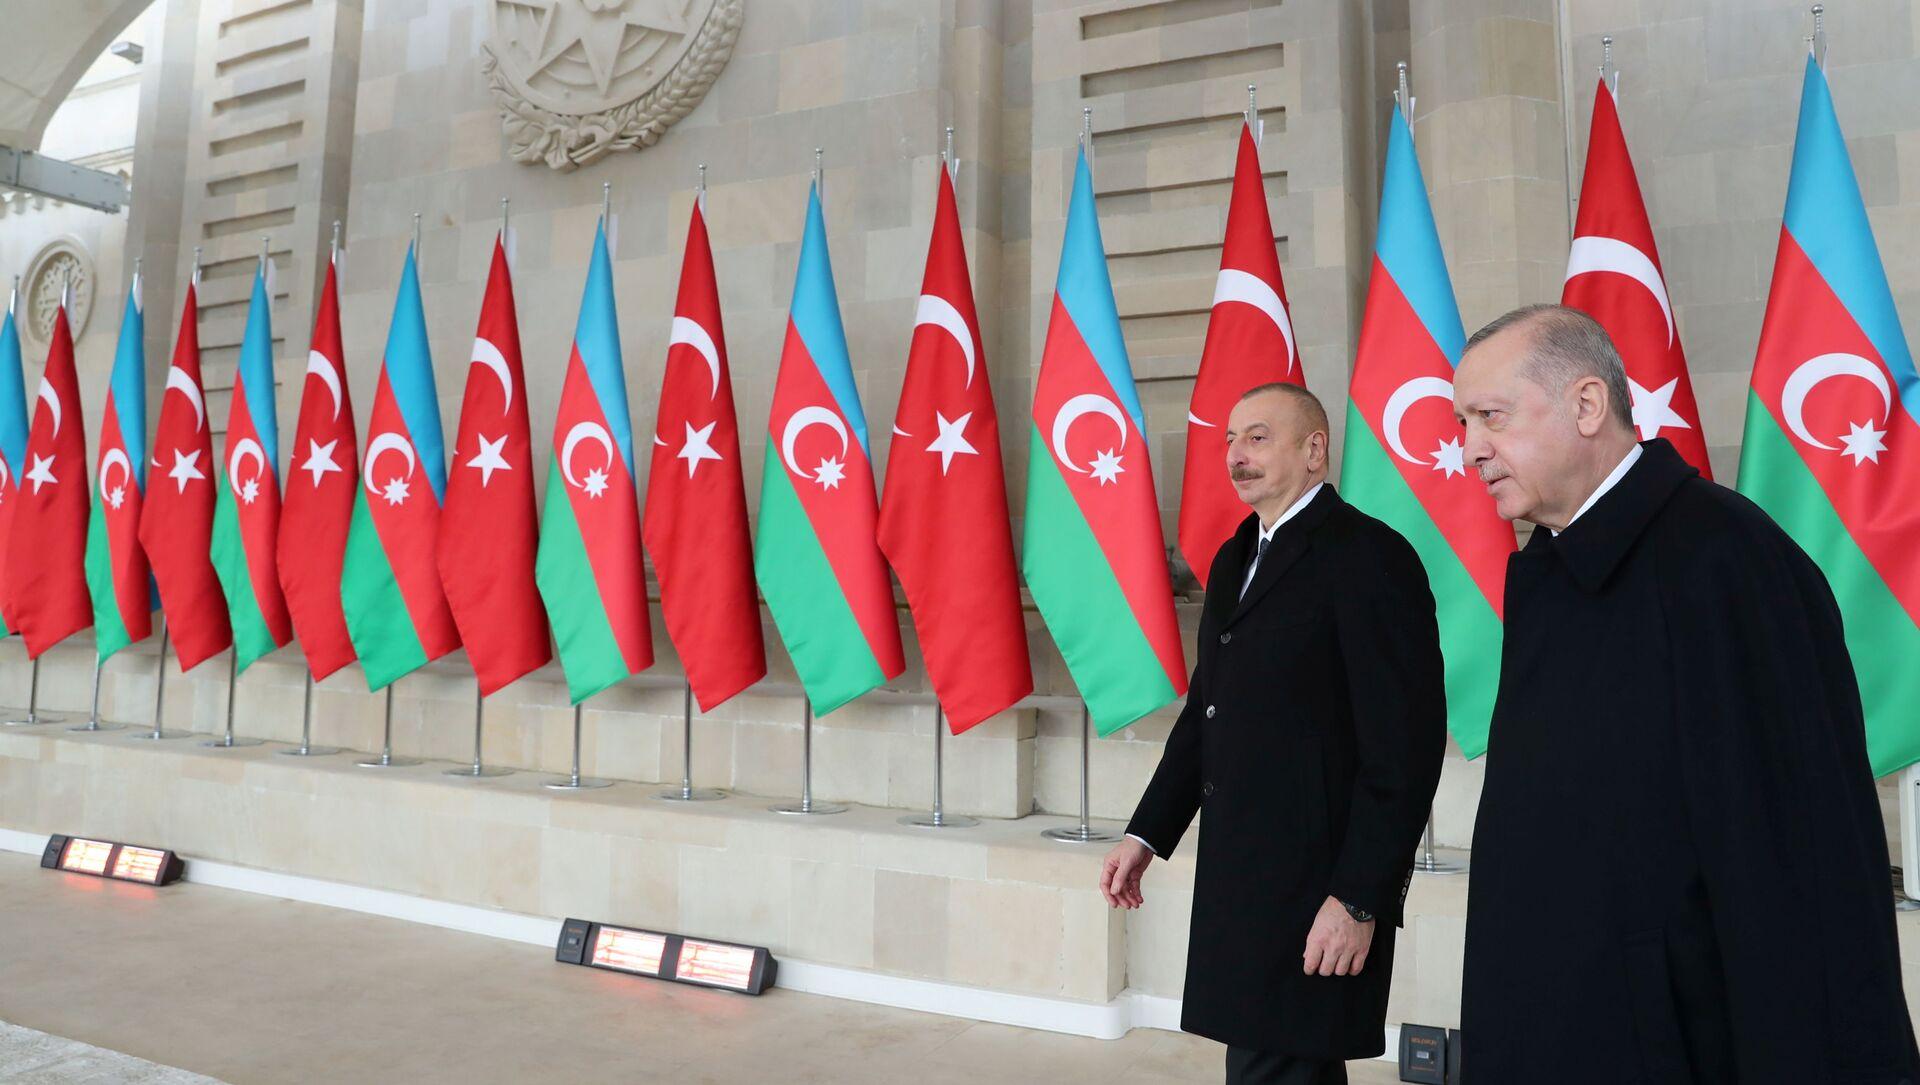 Президент Азербайджана Ильхам Алиев и Президент Турции Реджеп Тайип Эрдоган на военном параде в Баку, фото из архив - Sputnik Azərbaycan, 1920, 27.09.2021